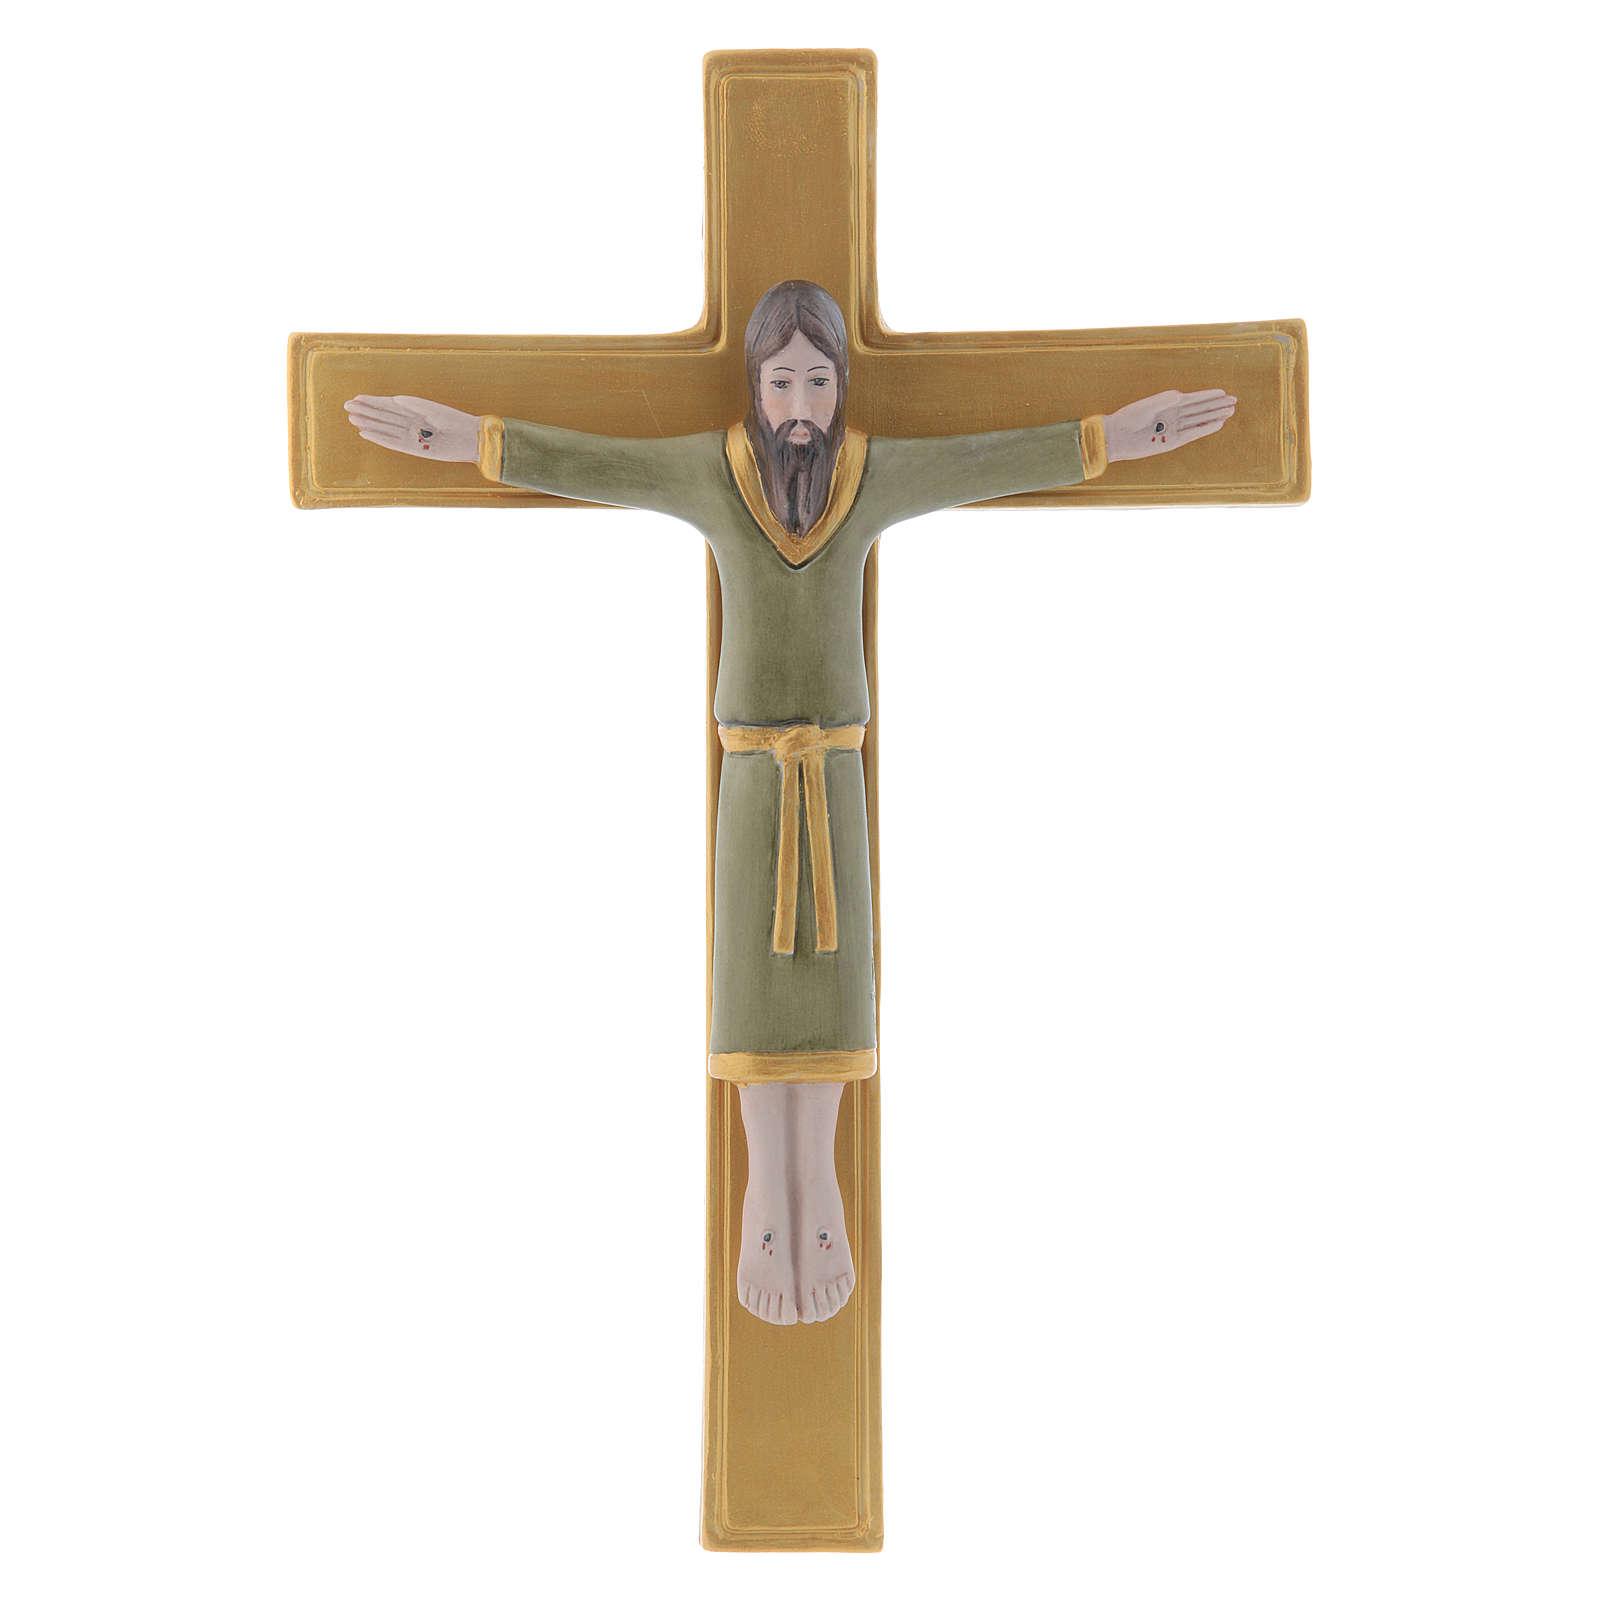 Bassorilievo porcellana Pinton crocifisso tunicato verde croce dorata 25X17 cm 4